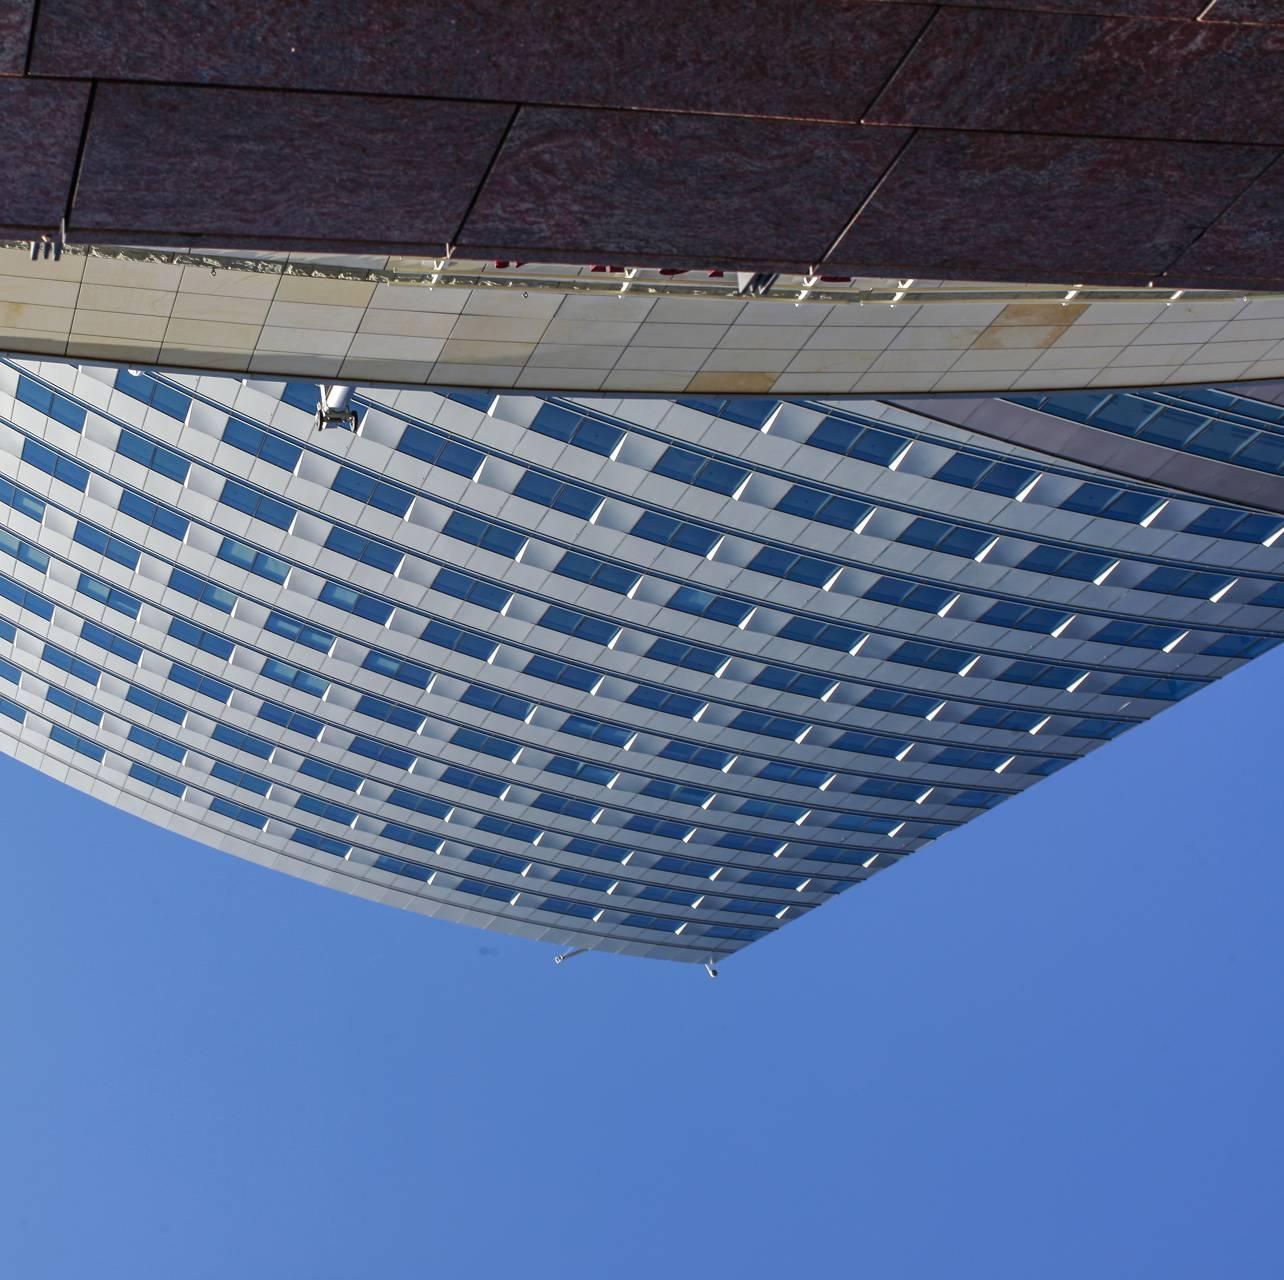 Warsaw Terrace